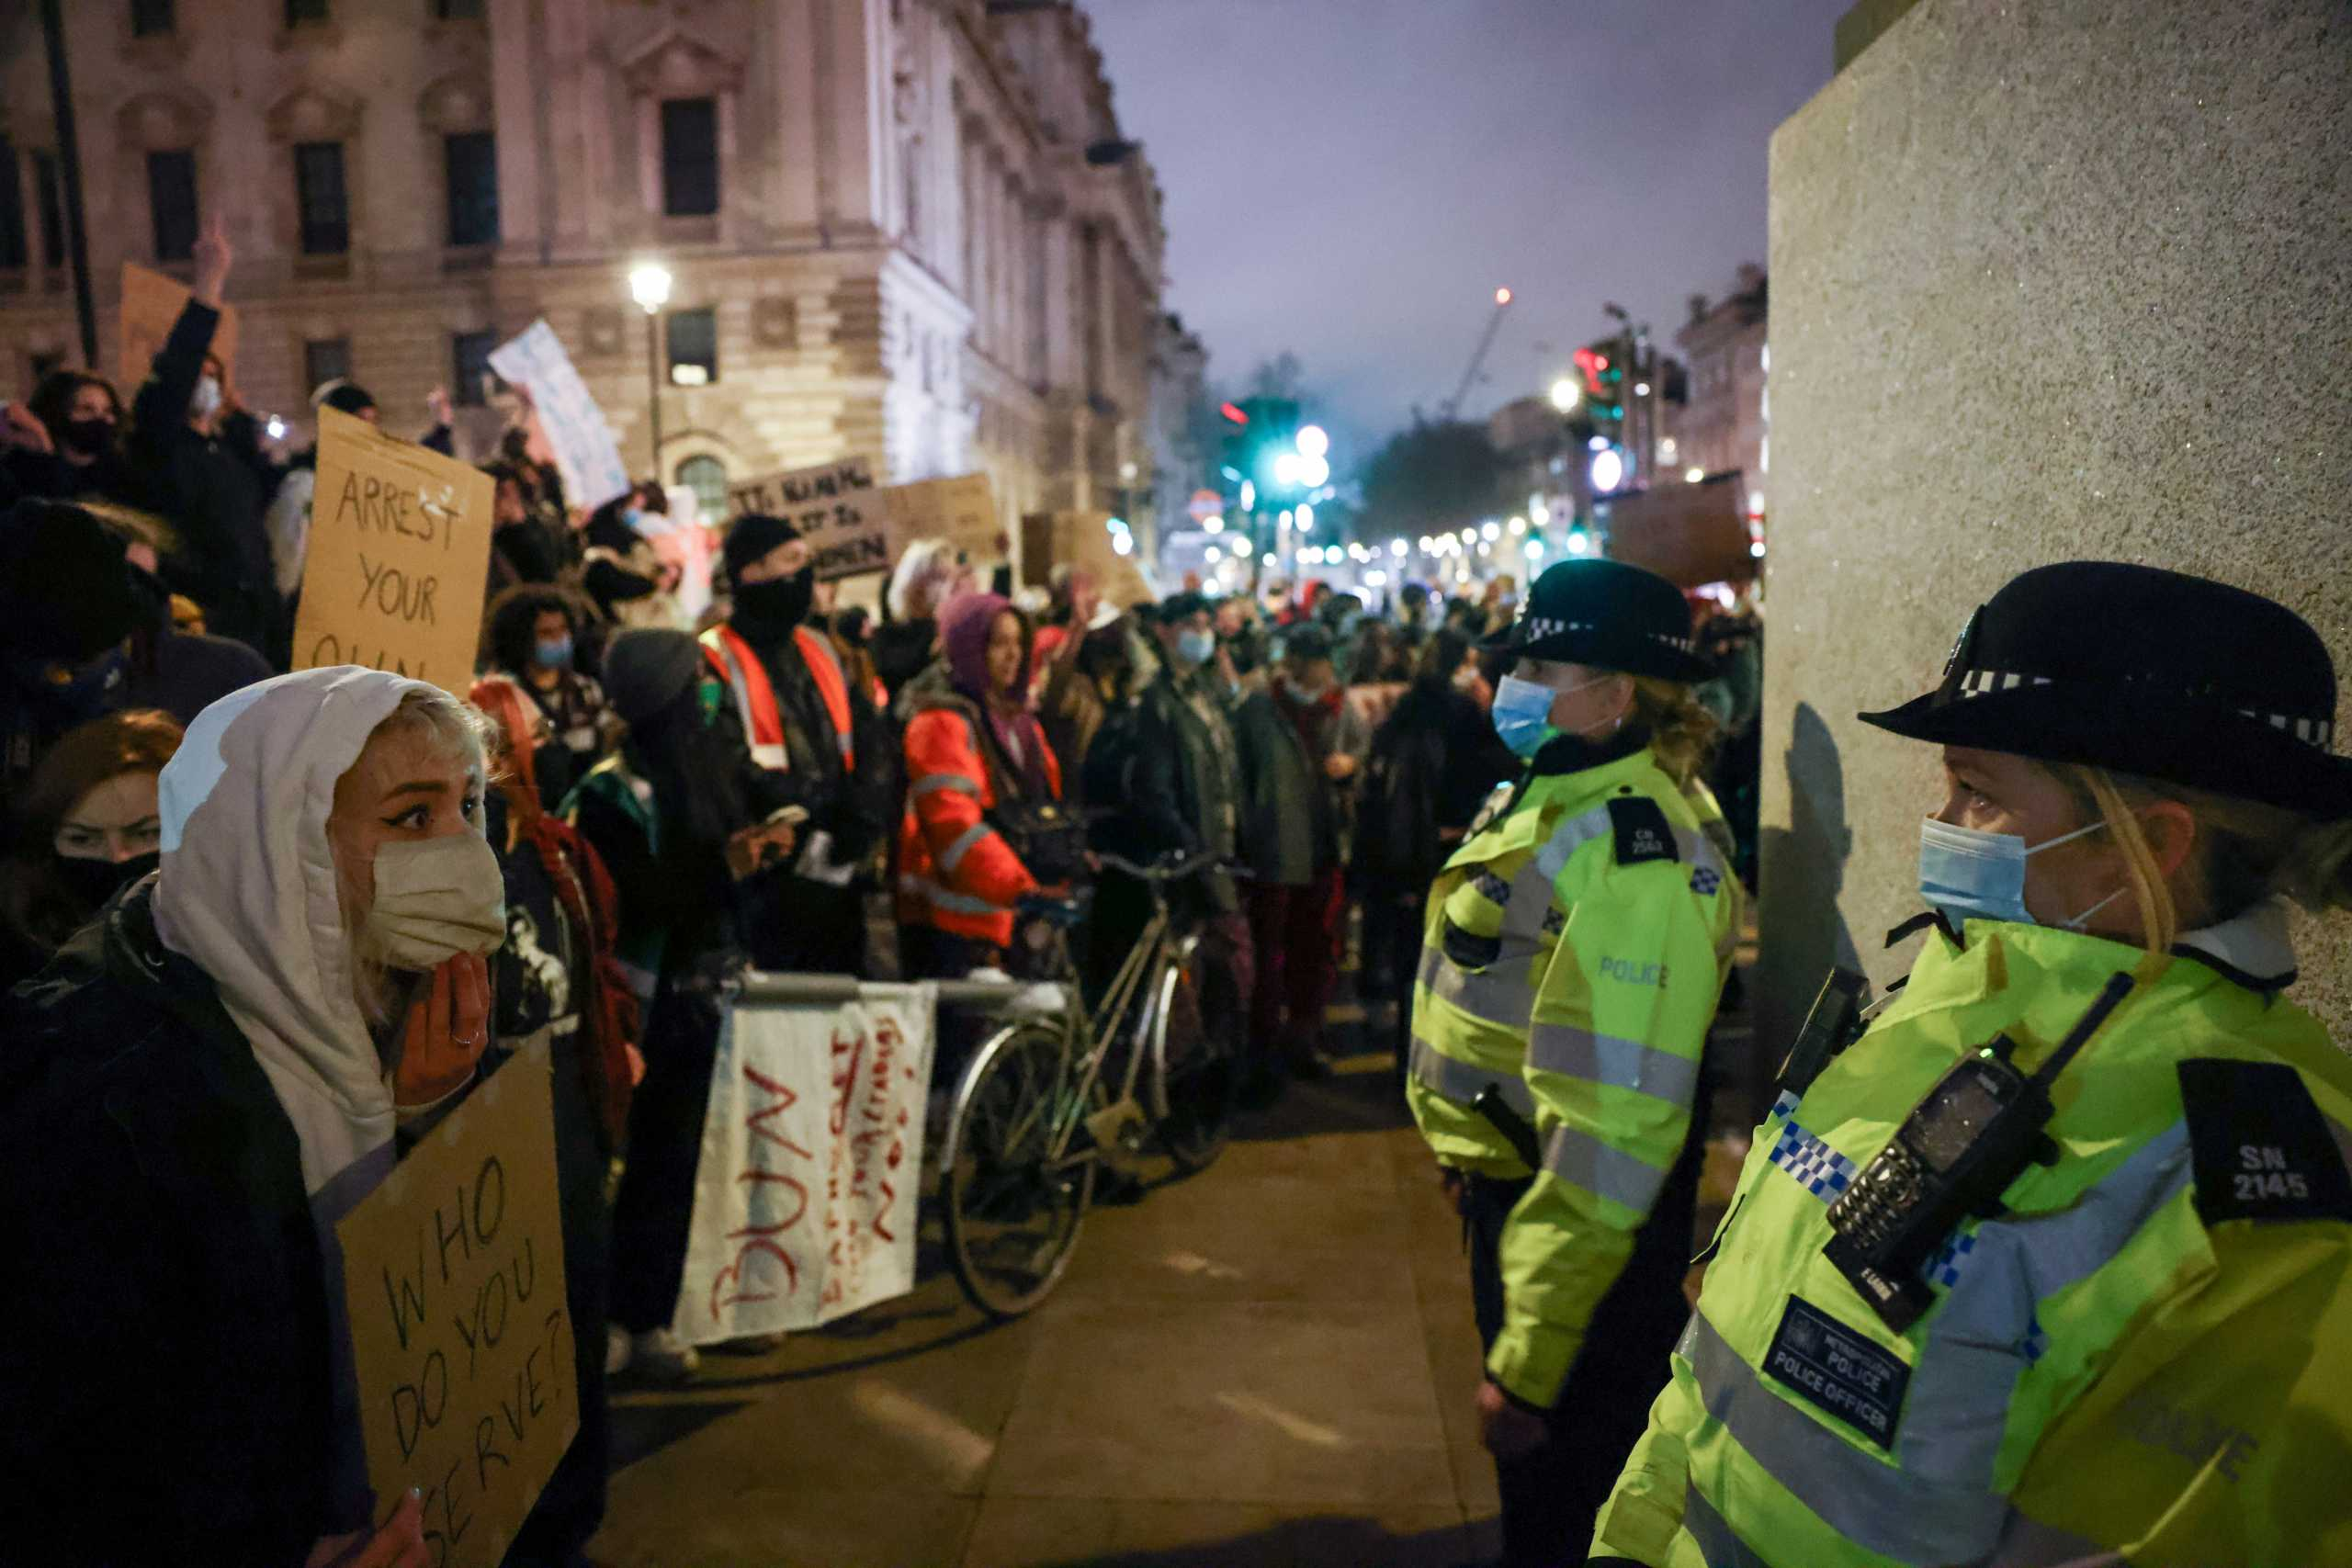 Βρετανία: «Ιδιαίτερα ανήσυχος» ο Τζόνσον για τις ενέργειες της αστυνομίας σε ολονυκτία για τη Σάρα Εβεραρντ